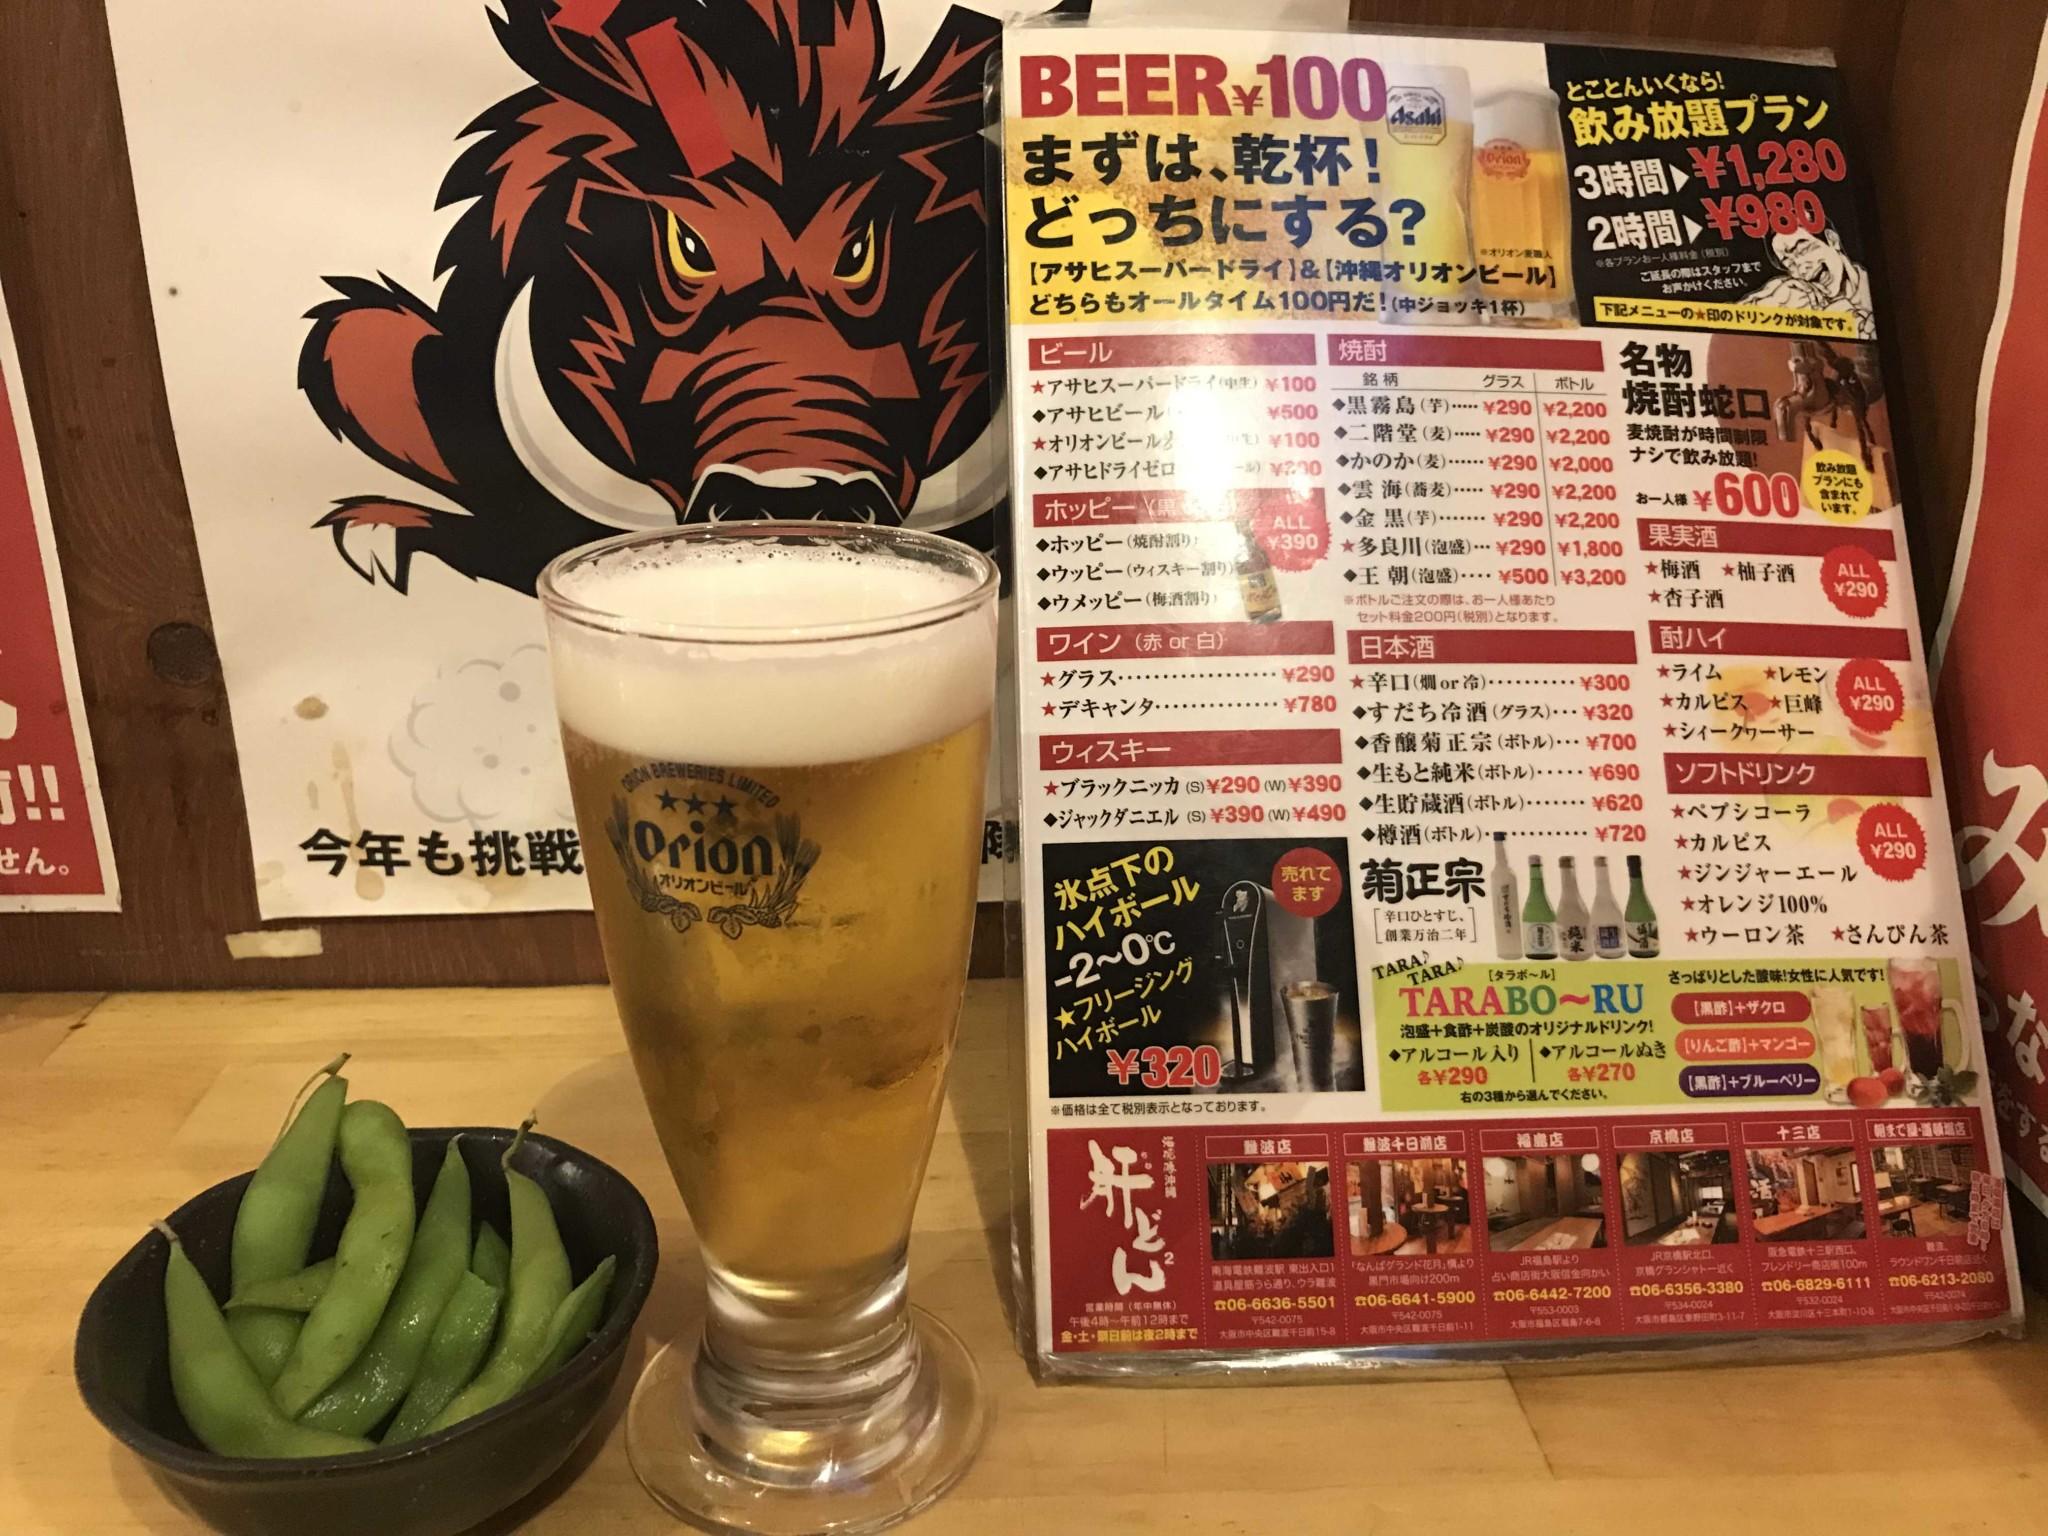 【2019年版】京橋の安いオススメ居酒屋まとめ!100円ビールからお得なお刺身盛りまで